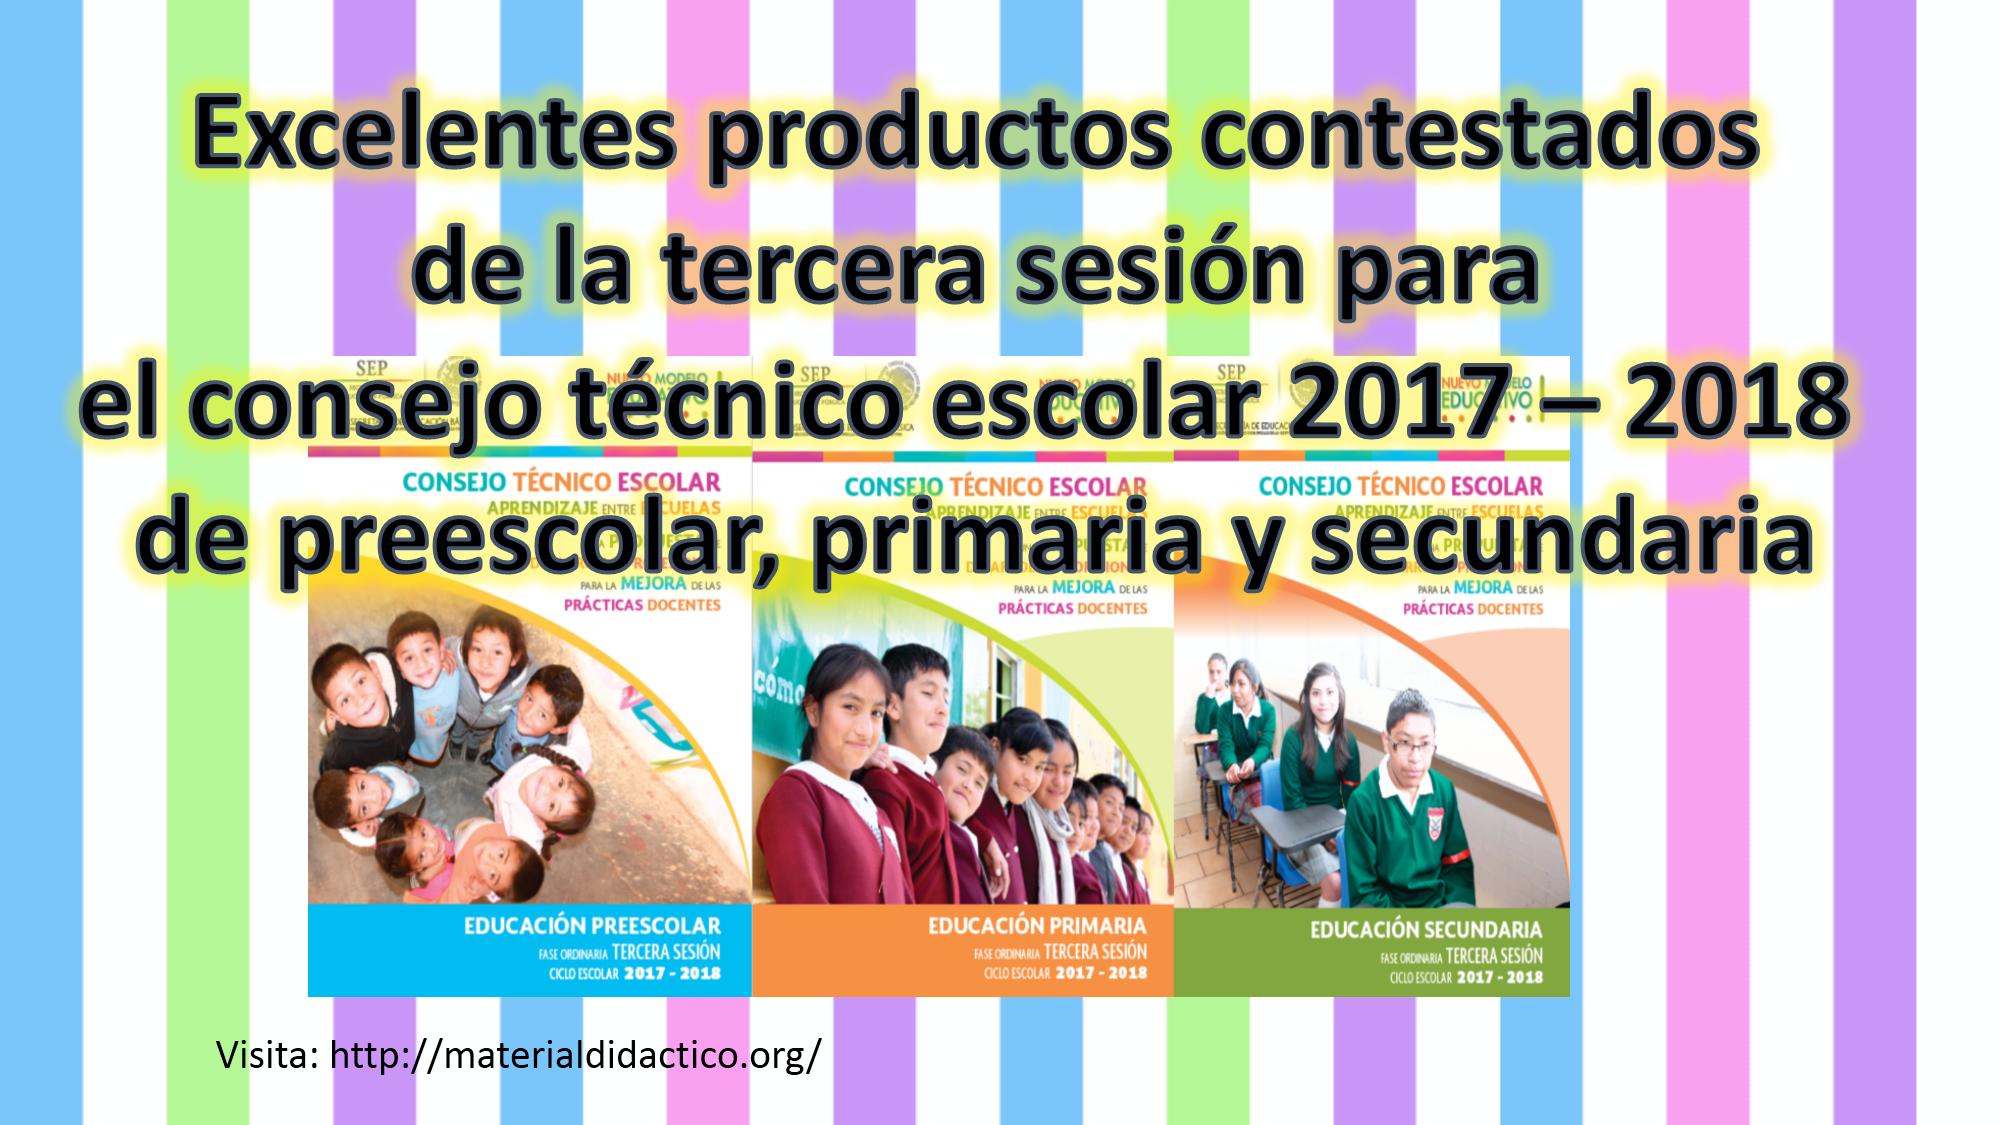 De consejo escolar productos 2020 sesion octava contestados tecnico